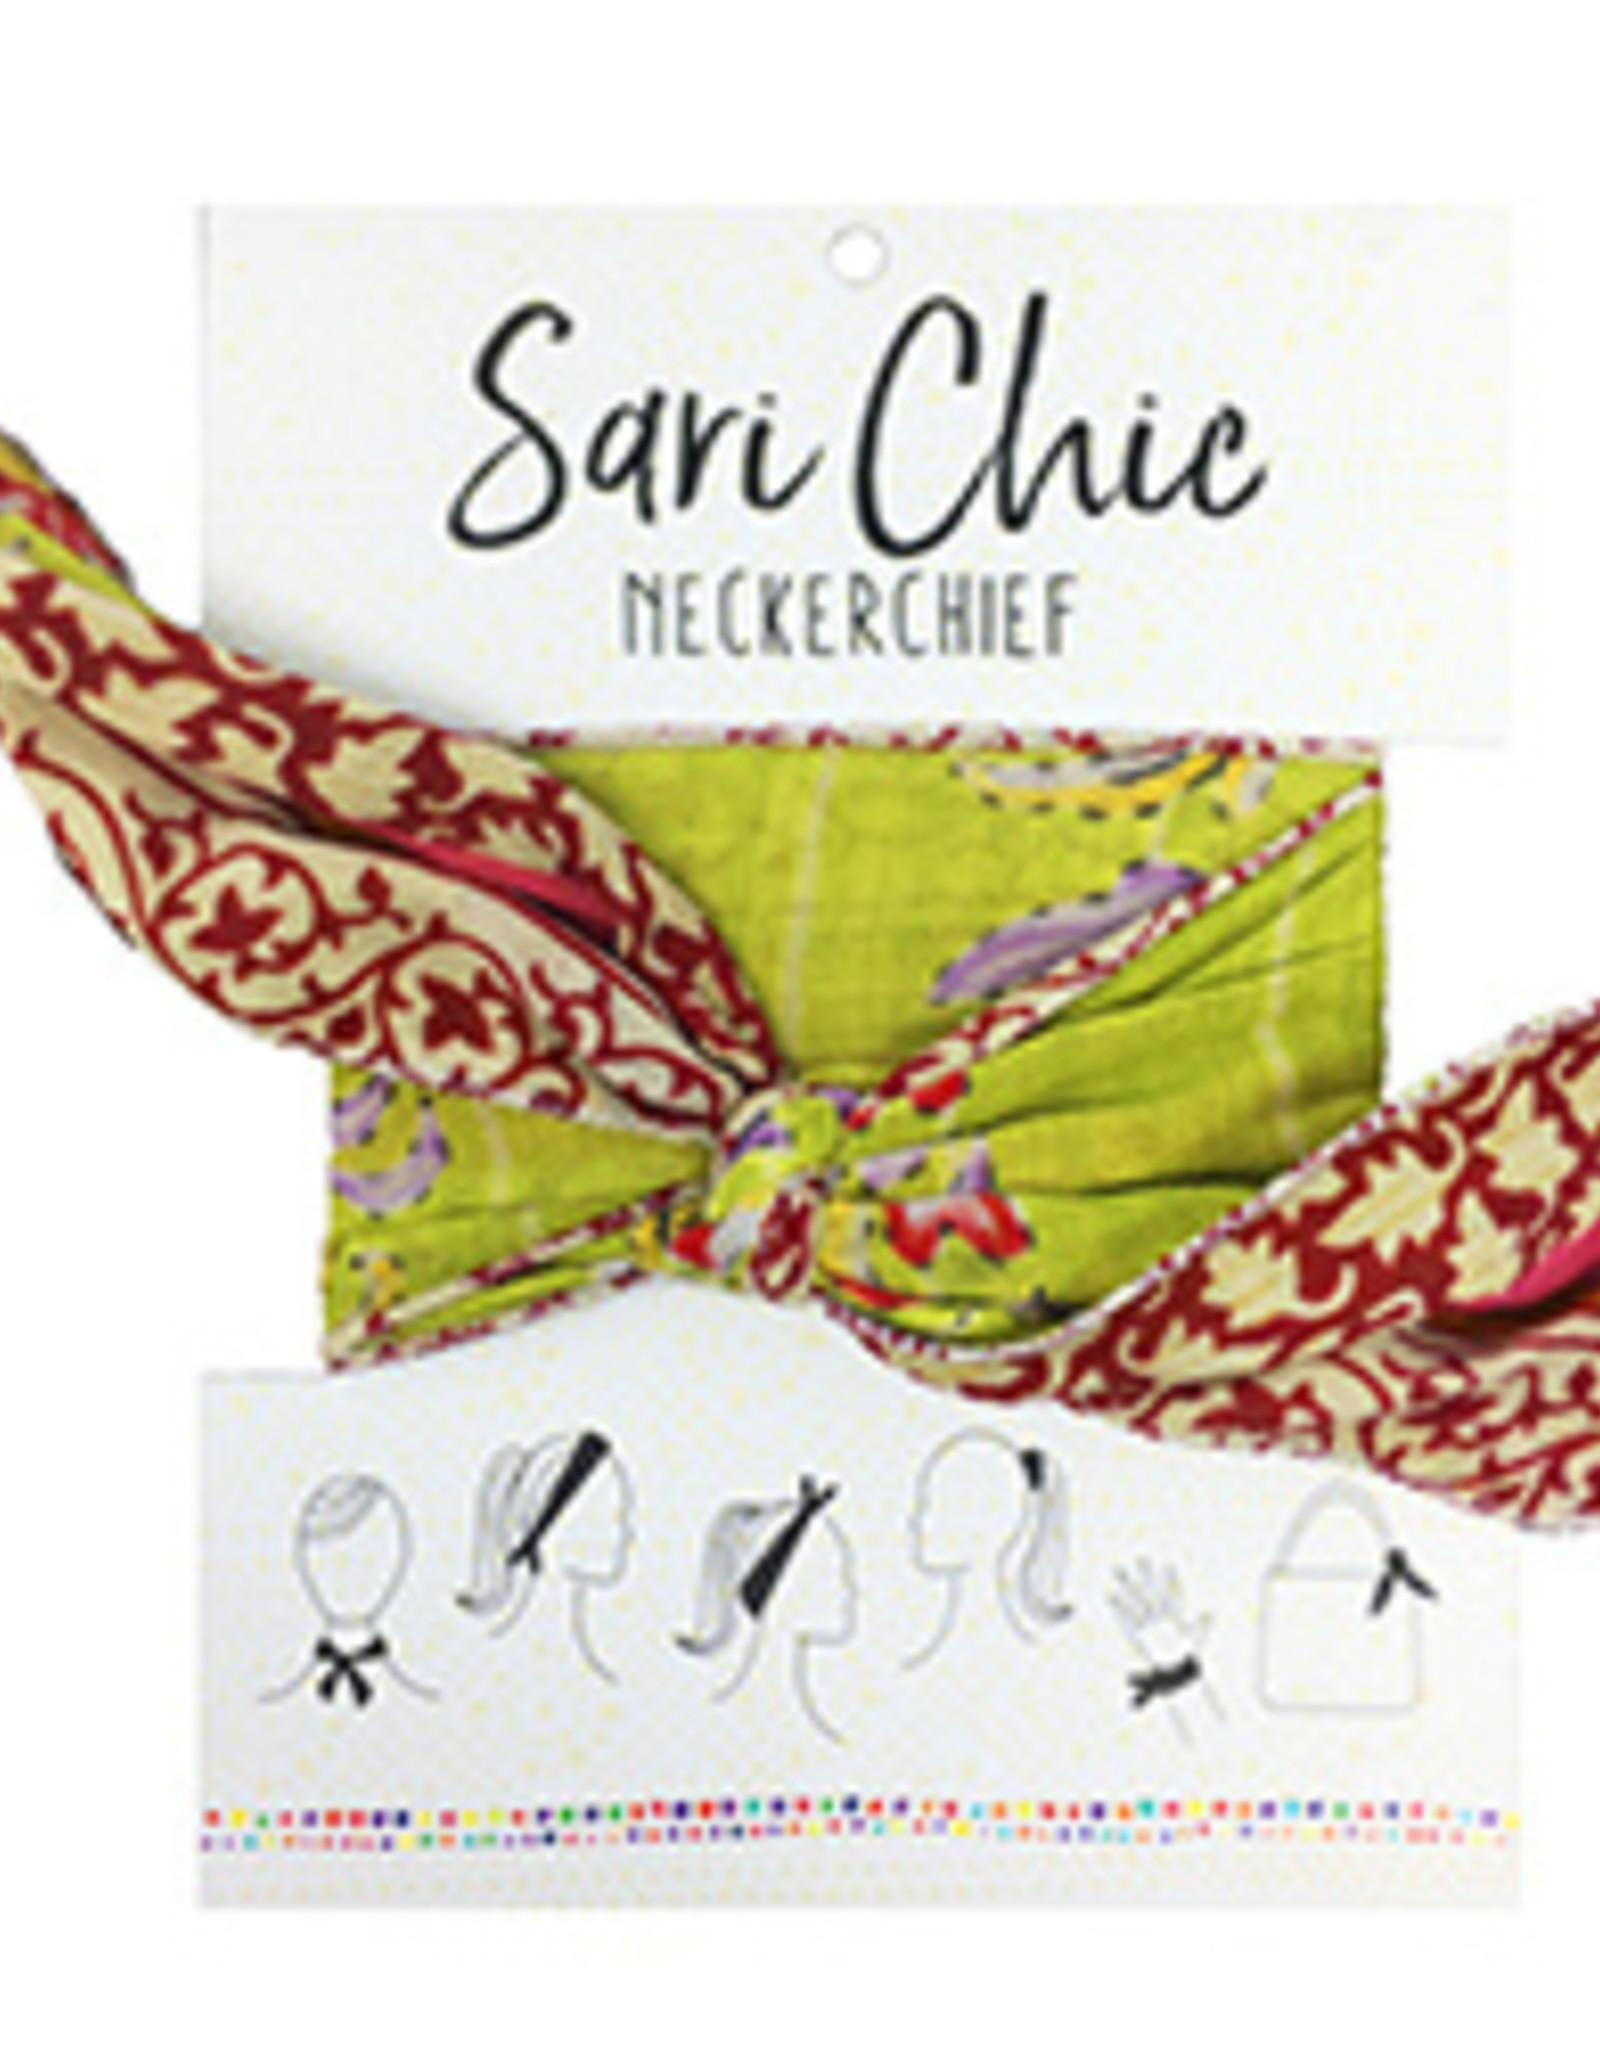 Sari Chic Neckerchief, India